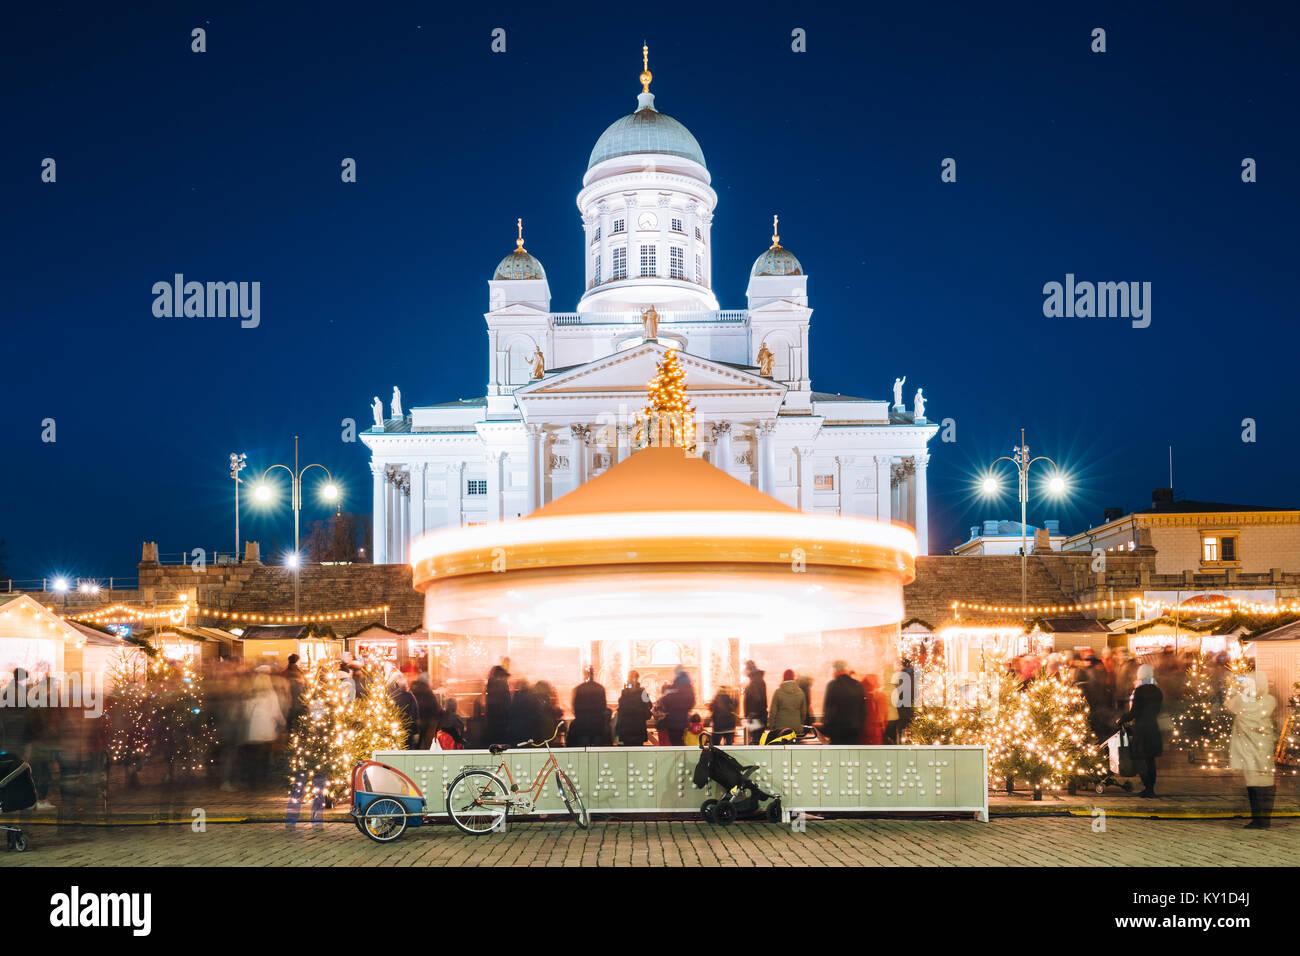 helsinki finnland weihnachten weihnachtsmarkt am. Black Bedroom Furniture Sets. Home Design Ideas